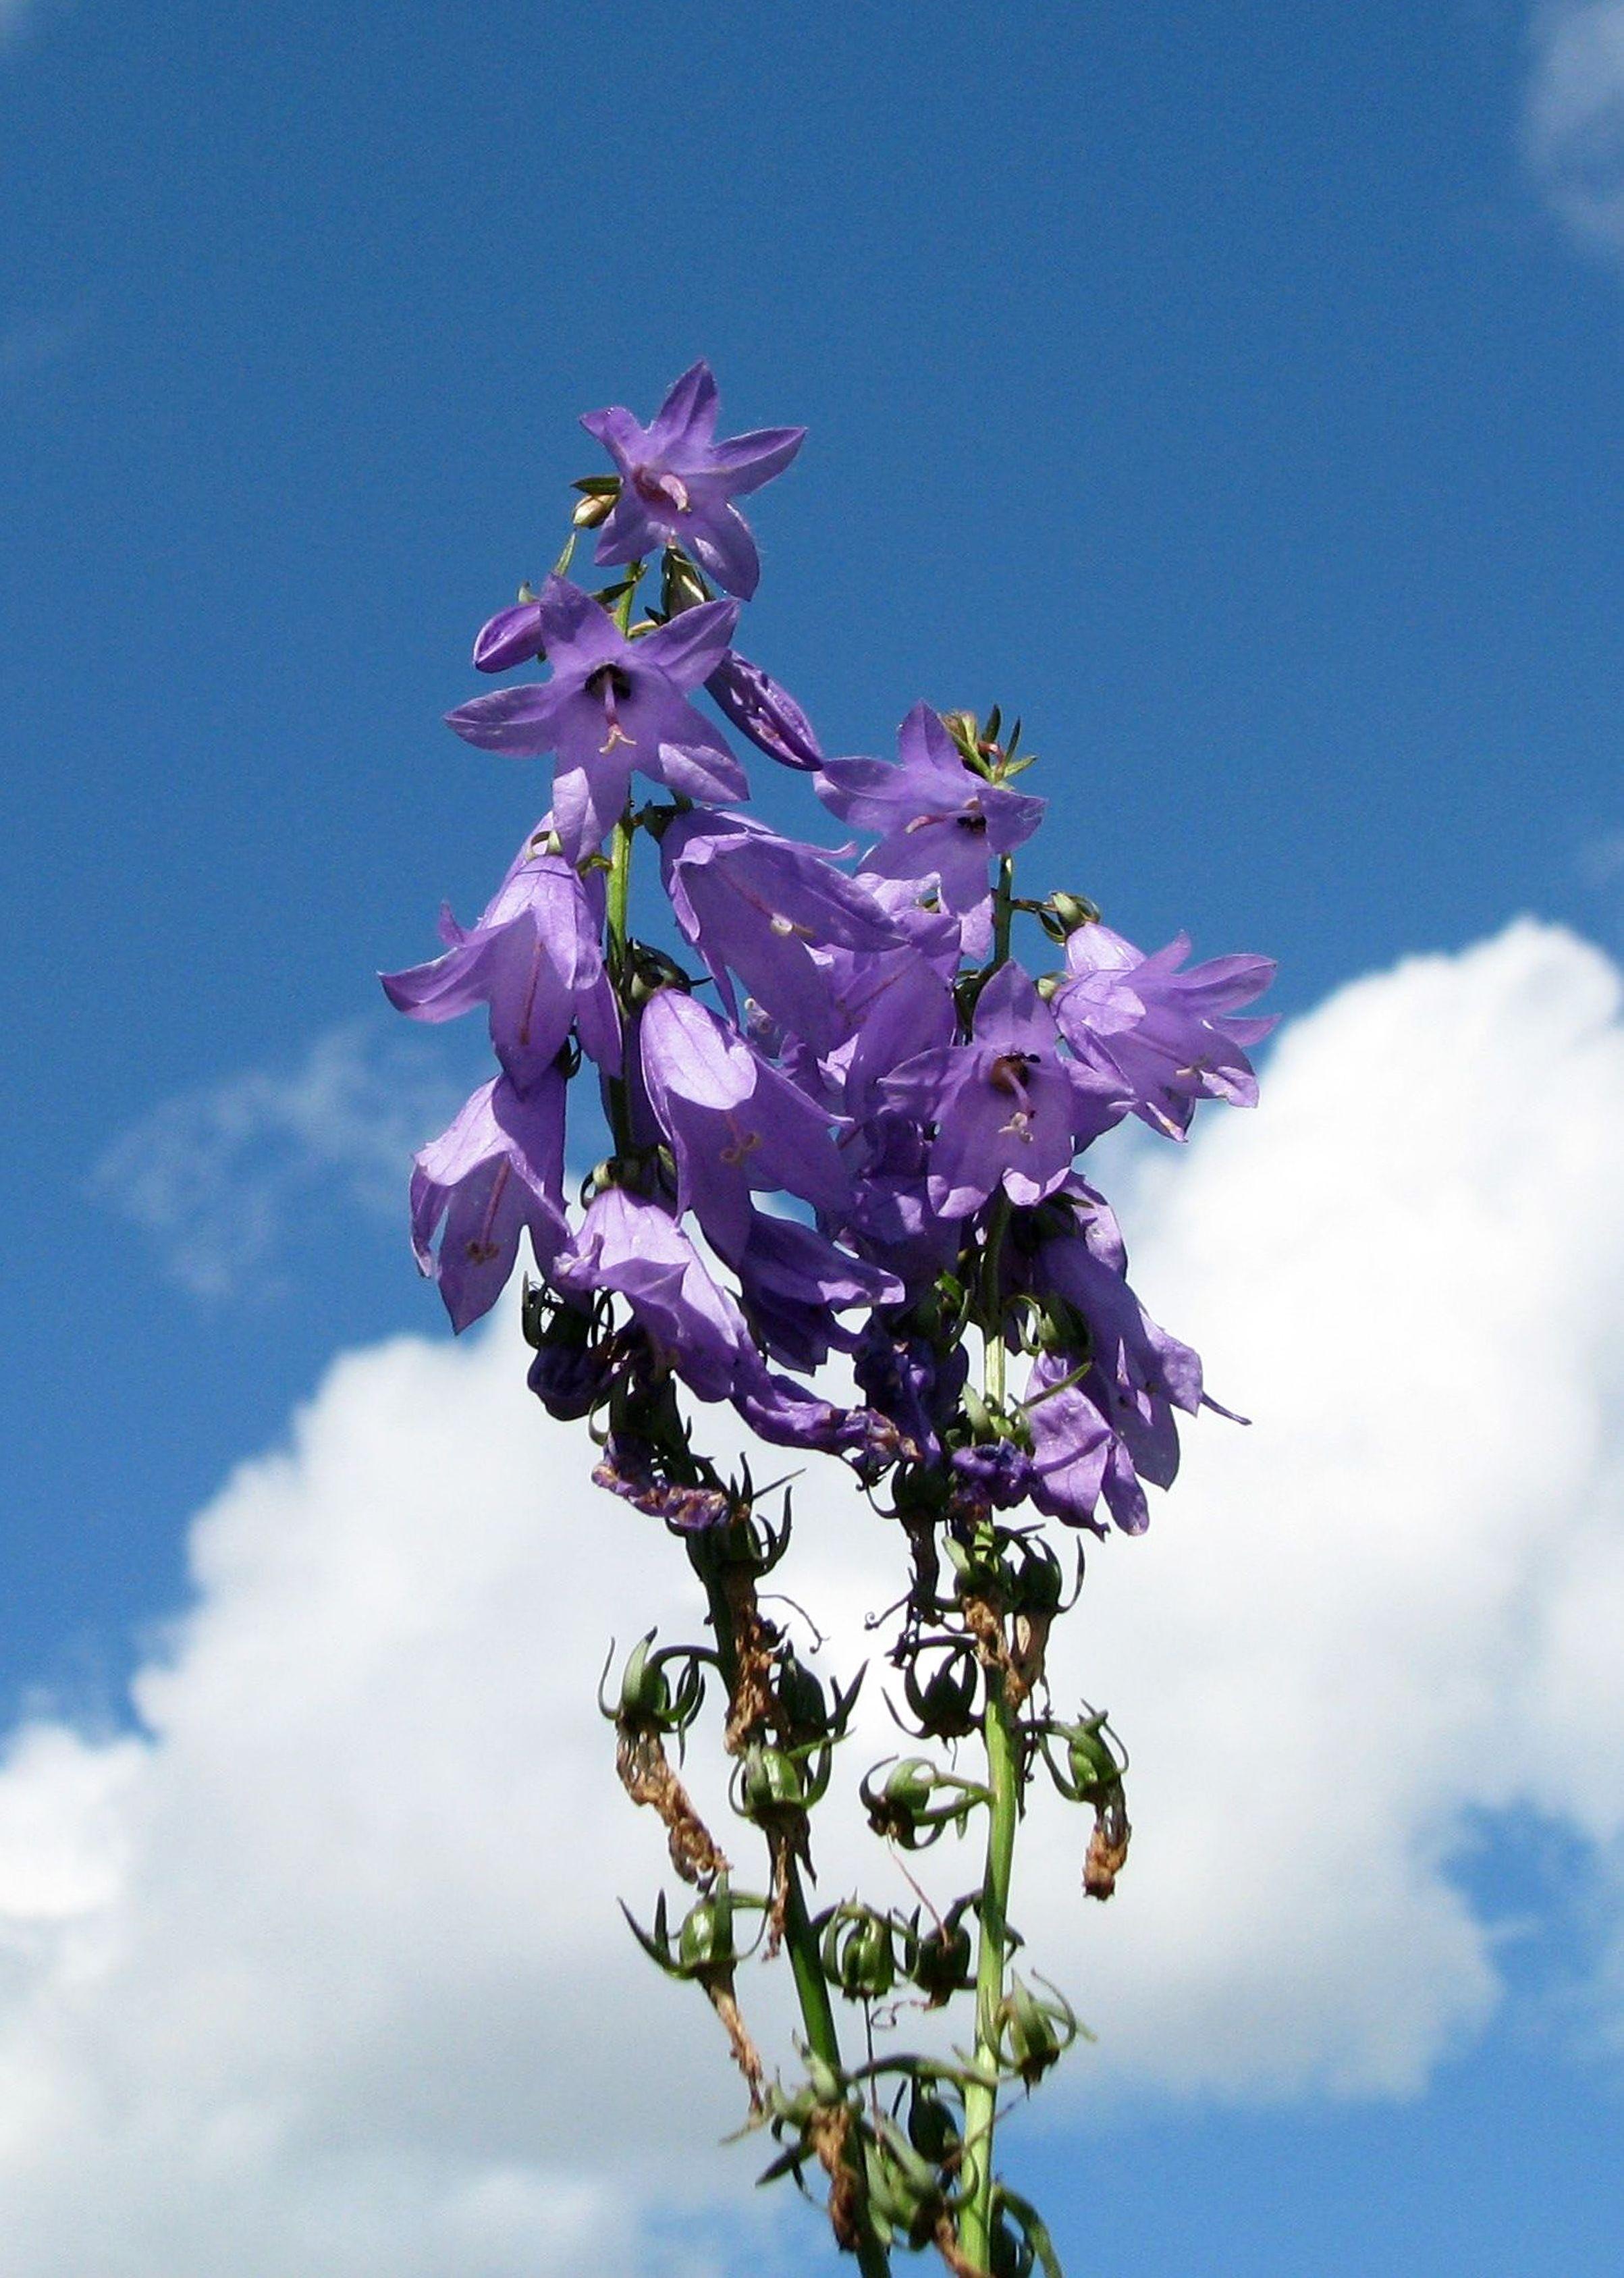 Carotte Bleue tout images gratuites : fleur, ciel, printemps, bleu, flore, fleur